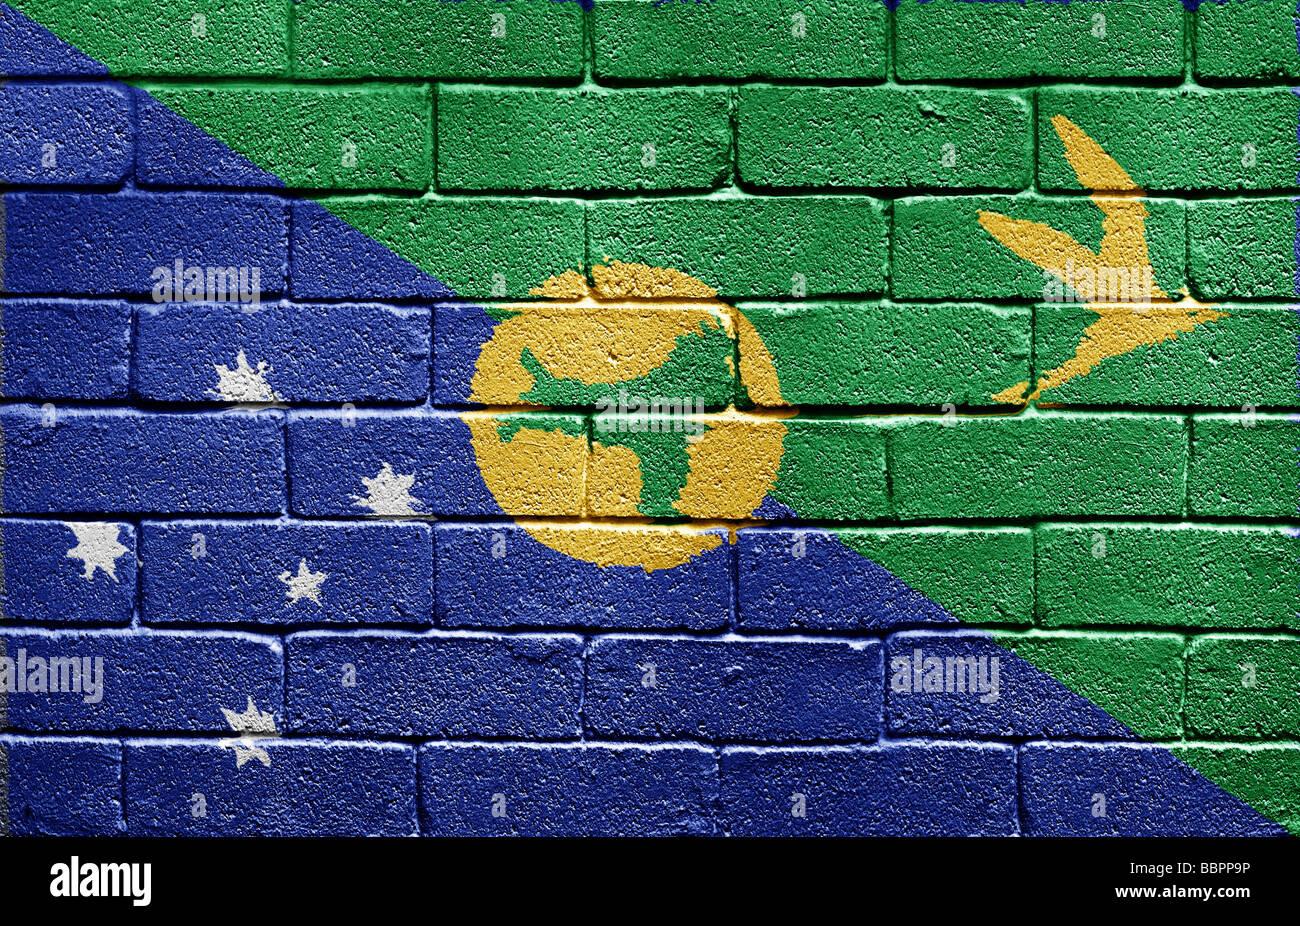 Flag of Christmas Island - Stock Image